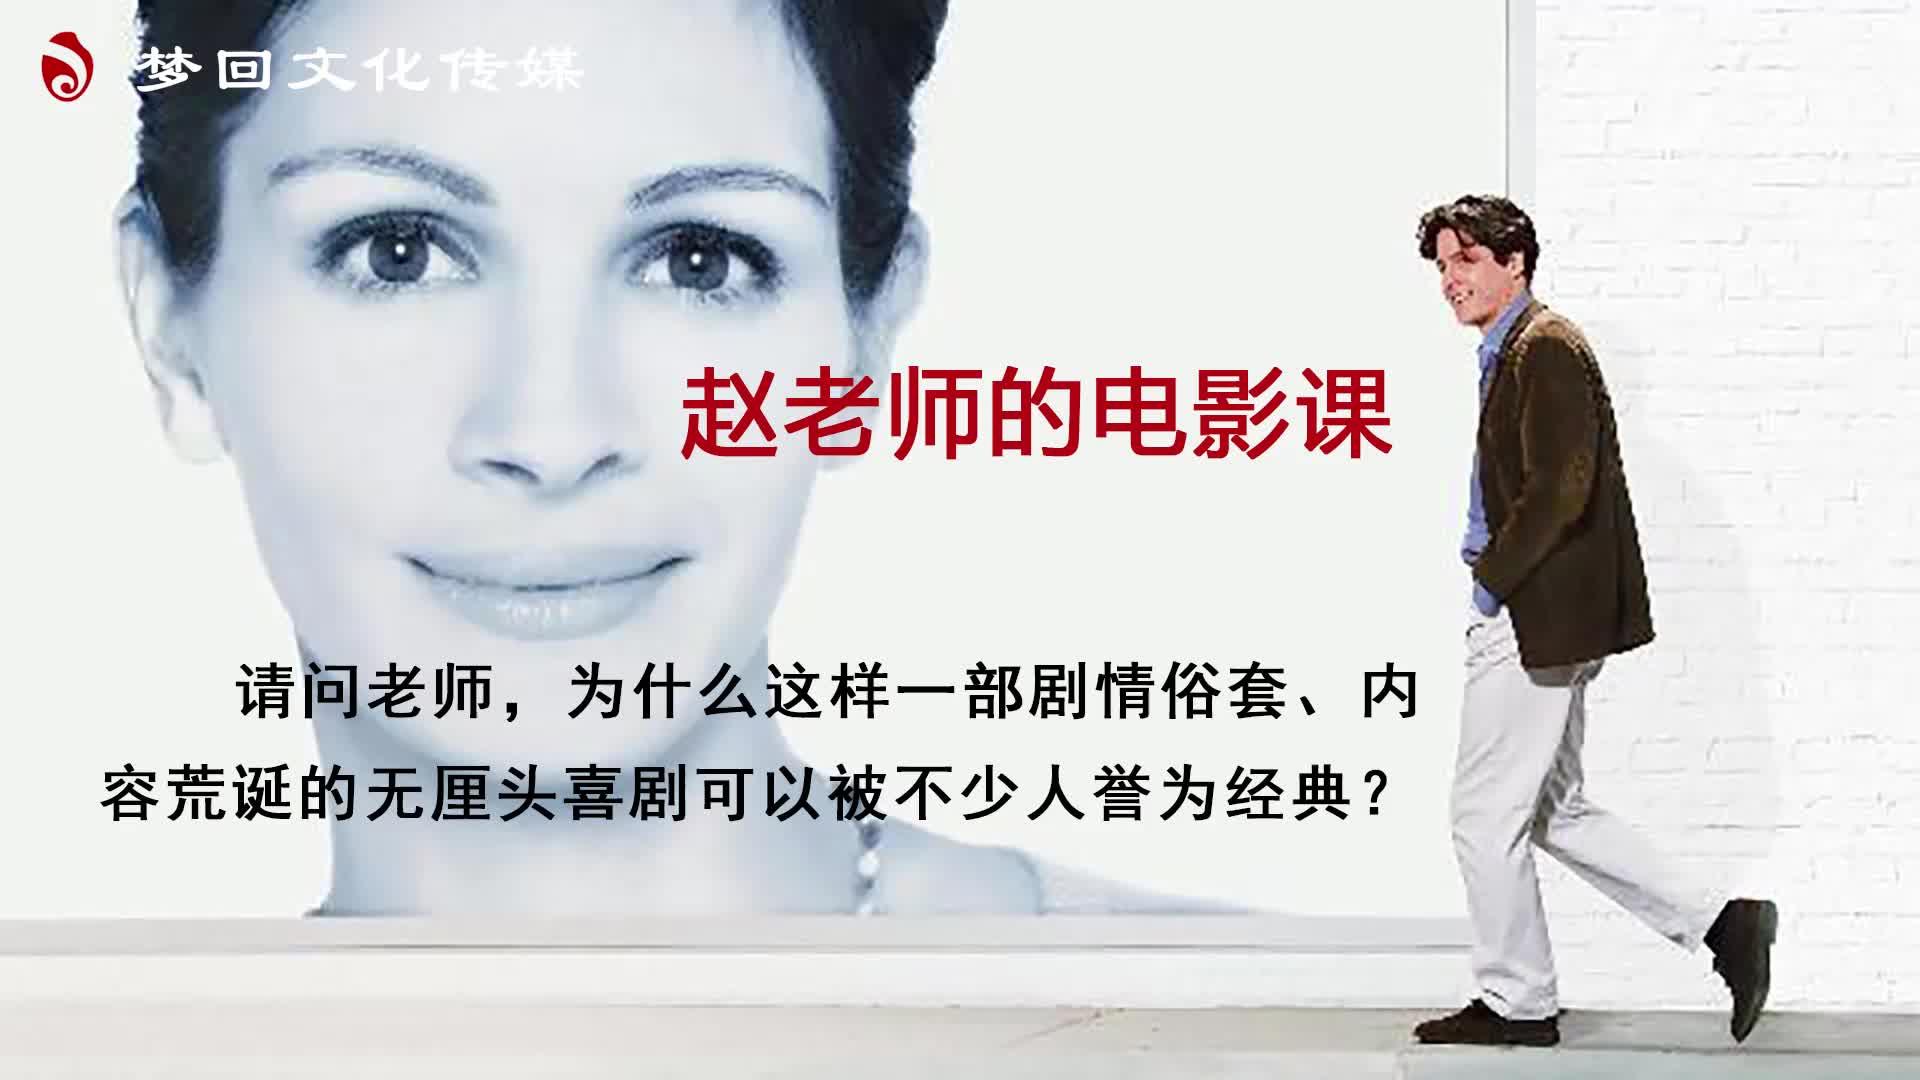 【赵老师的电影课】诺丁山